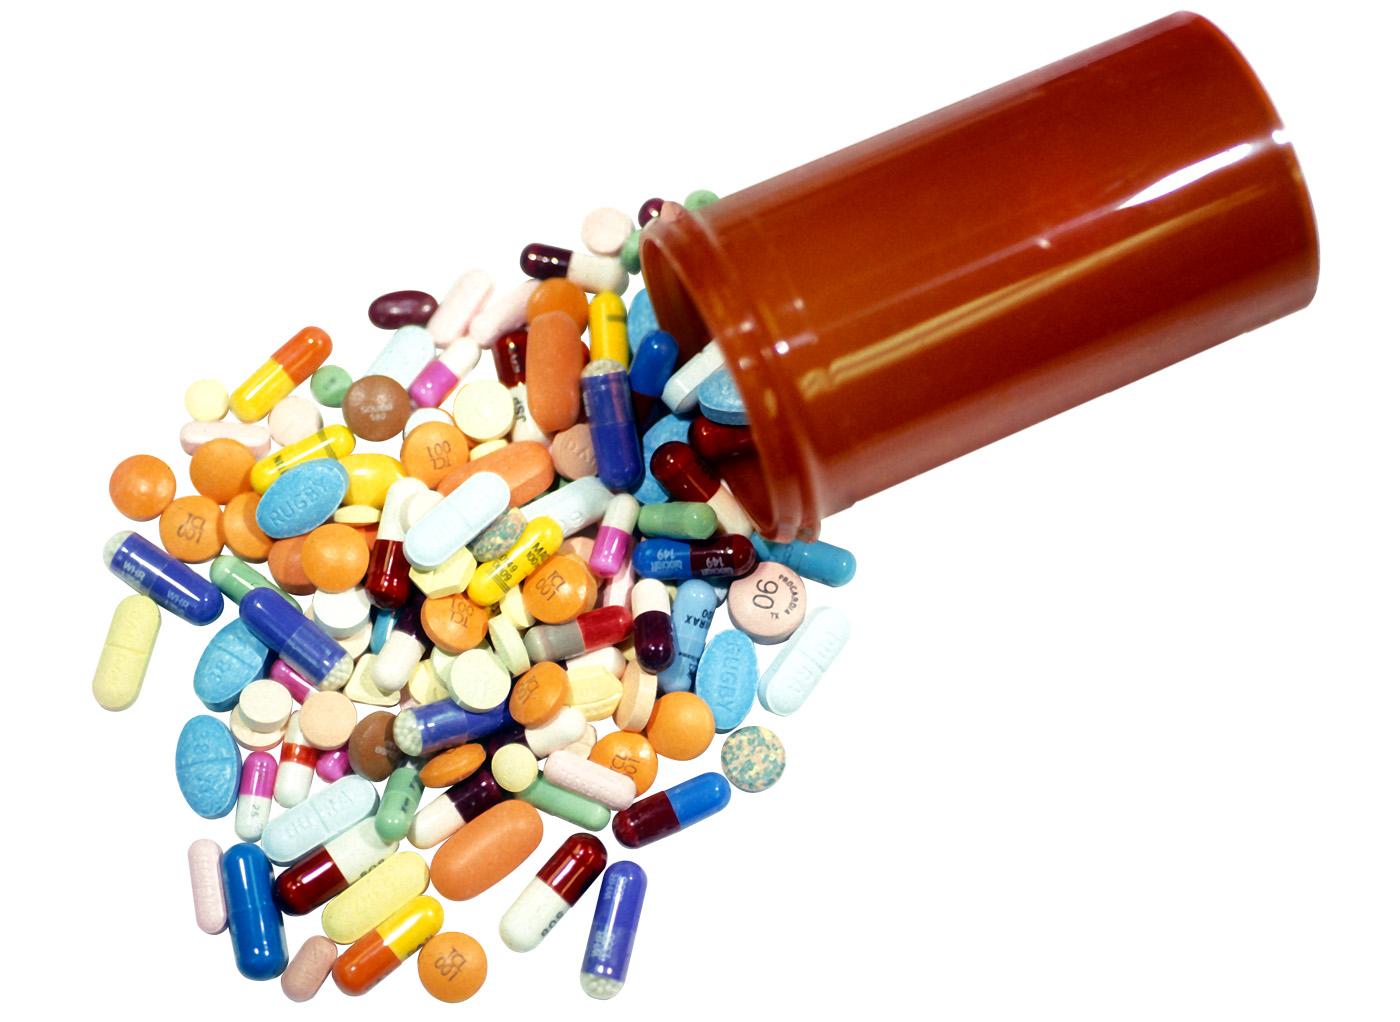 Утвержден приказ Минздравсоцразвития России «О регистрационном удостоверении лекарственного препарата»